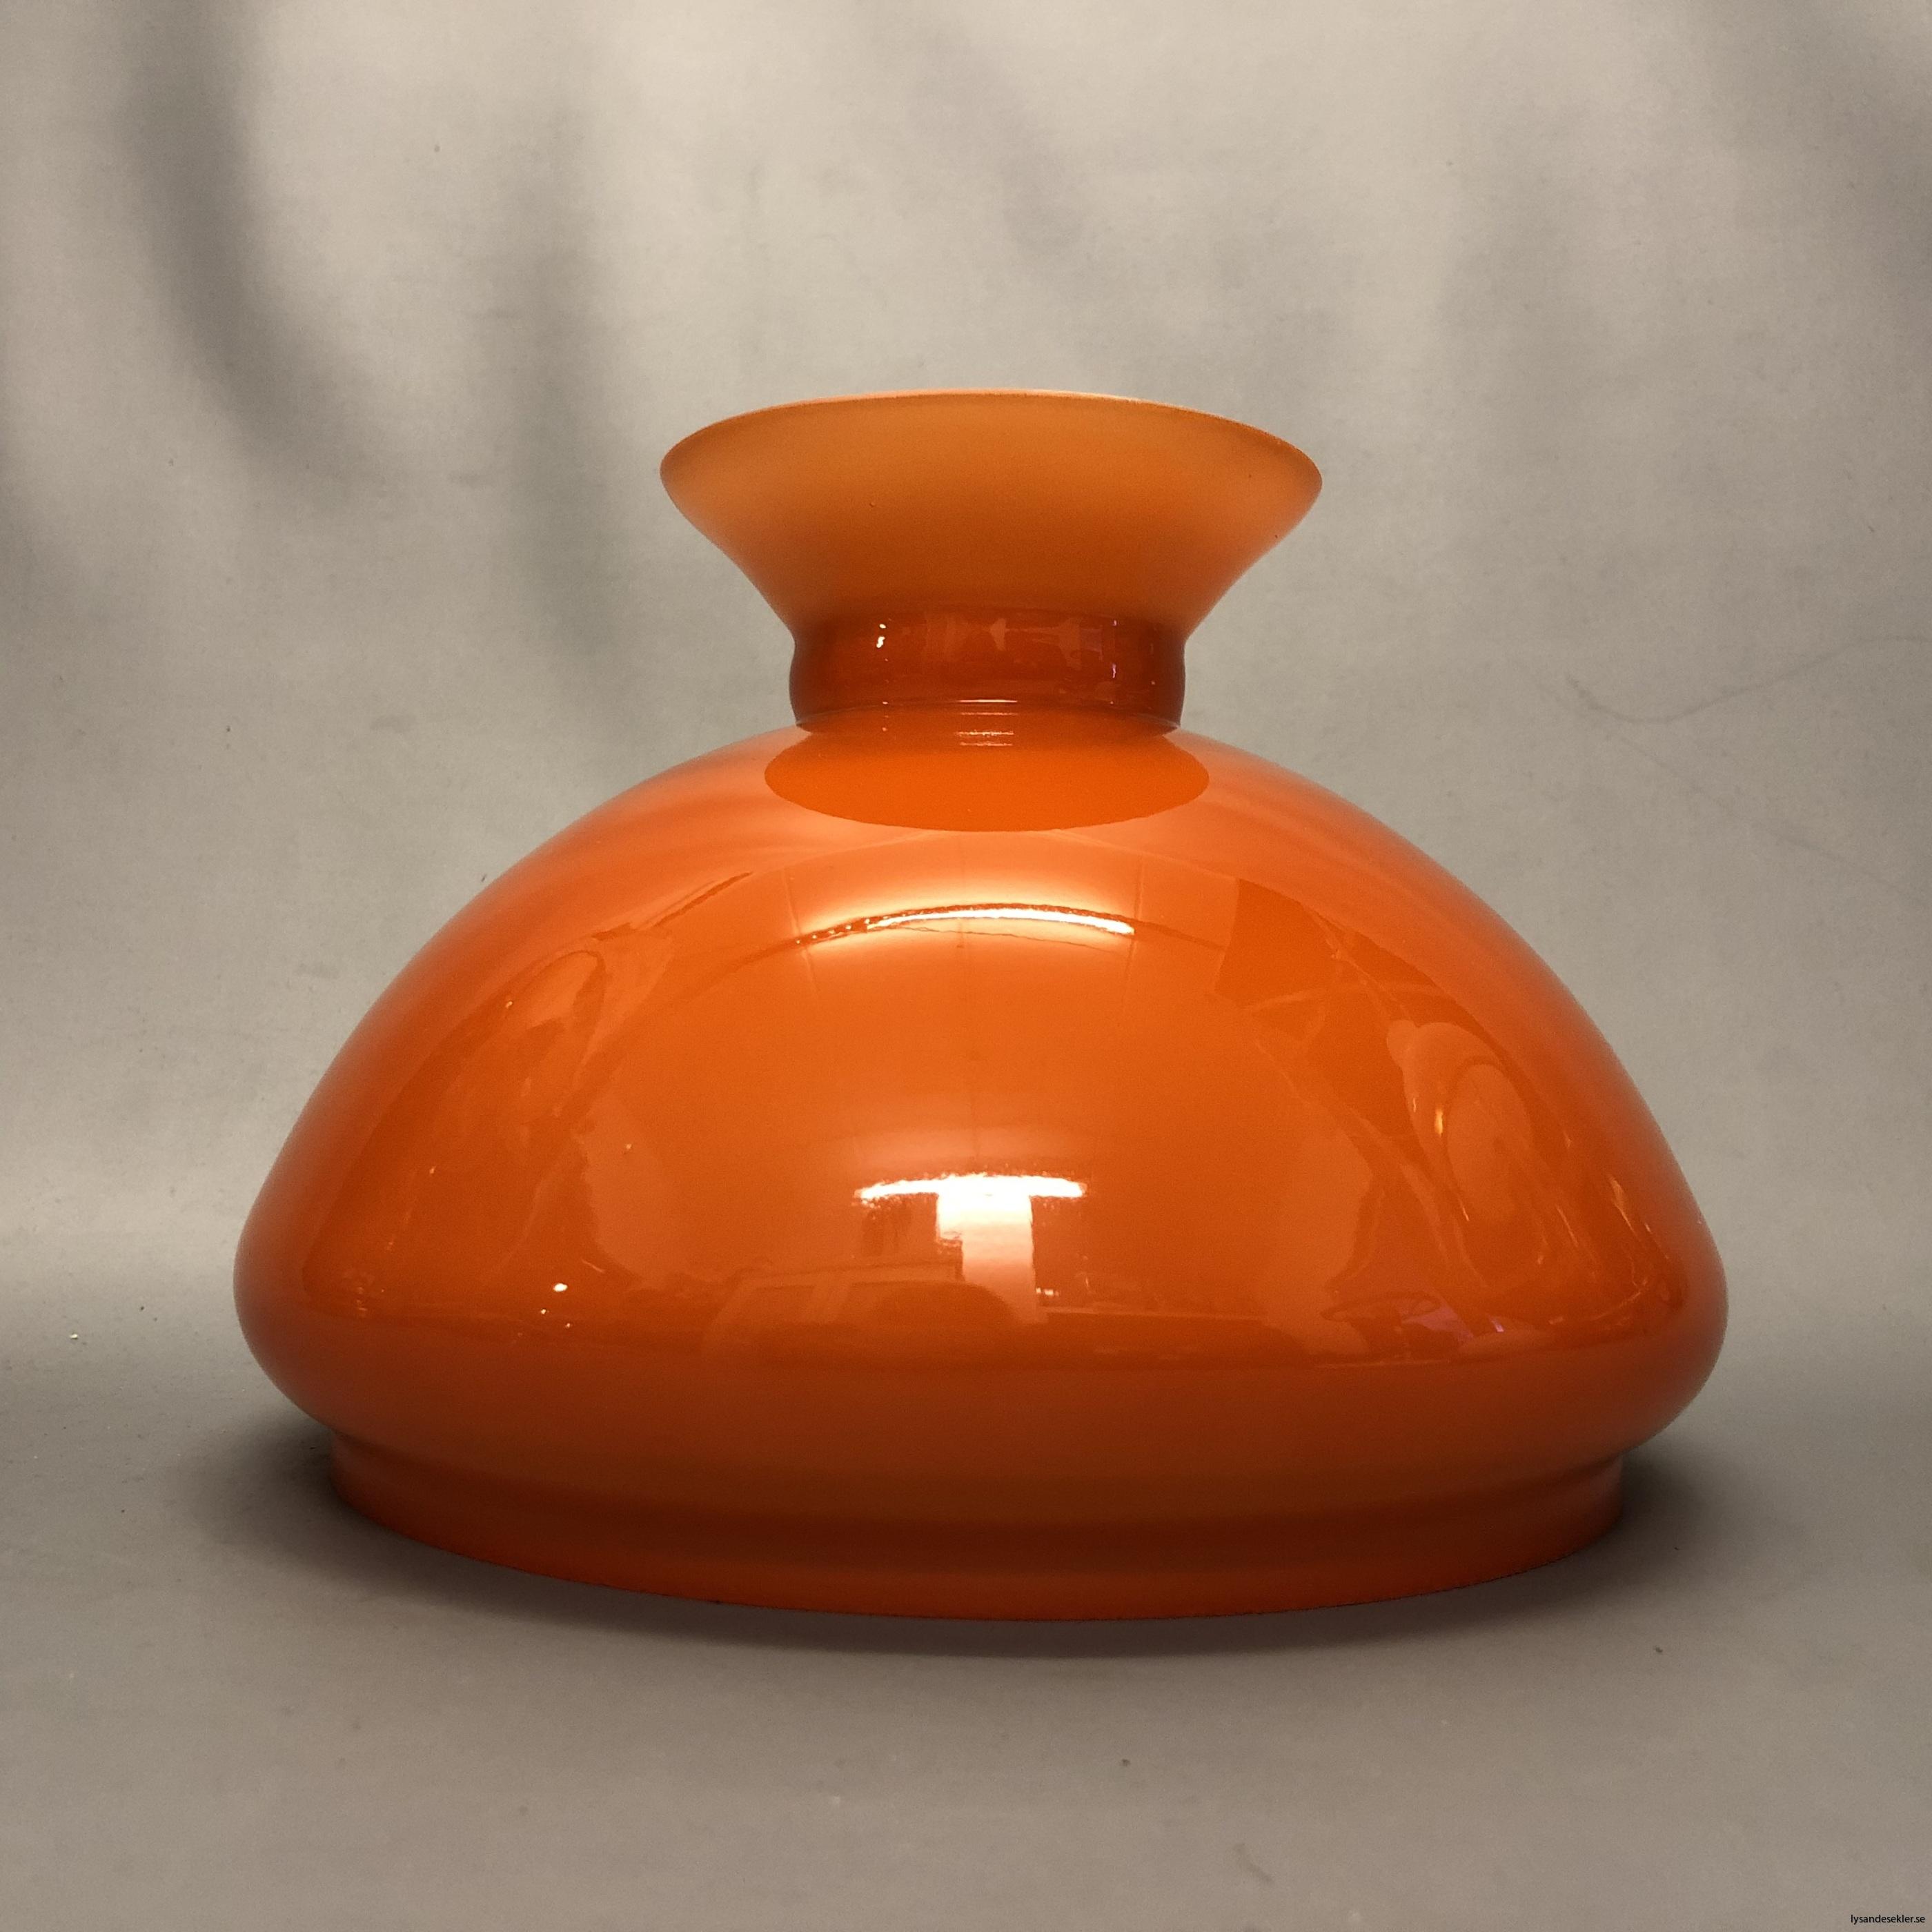 färgad vesta vestaskärm i färg fotogenskärm grön röd gul orange skärm till fotogenlampa45